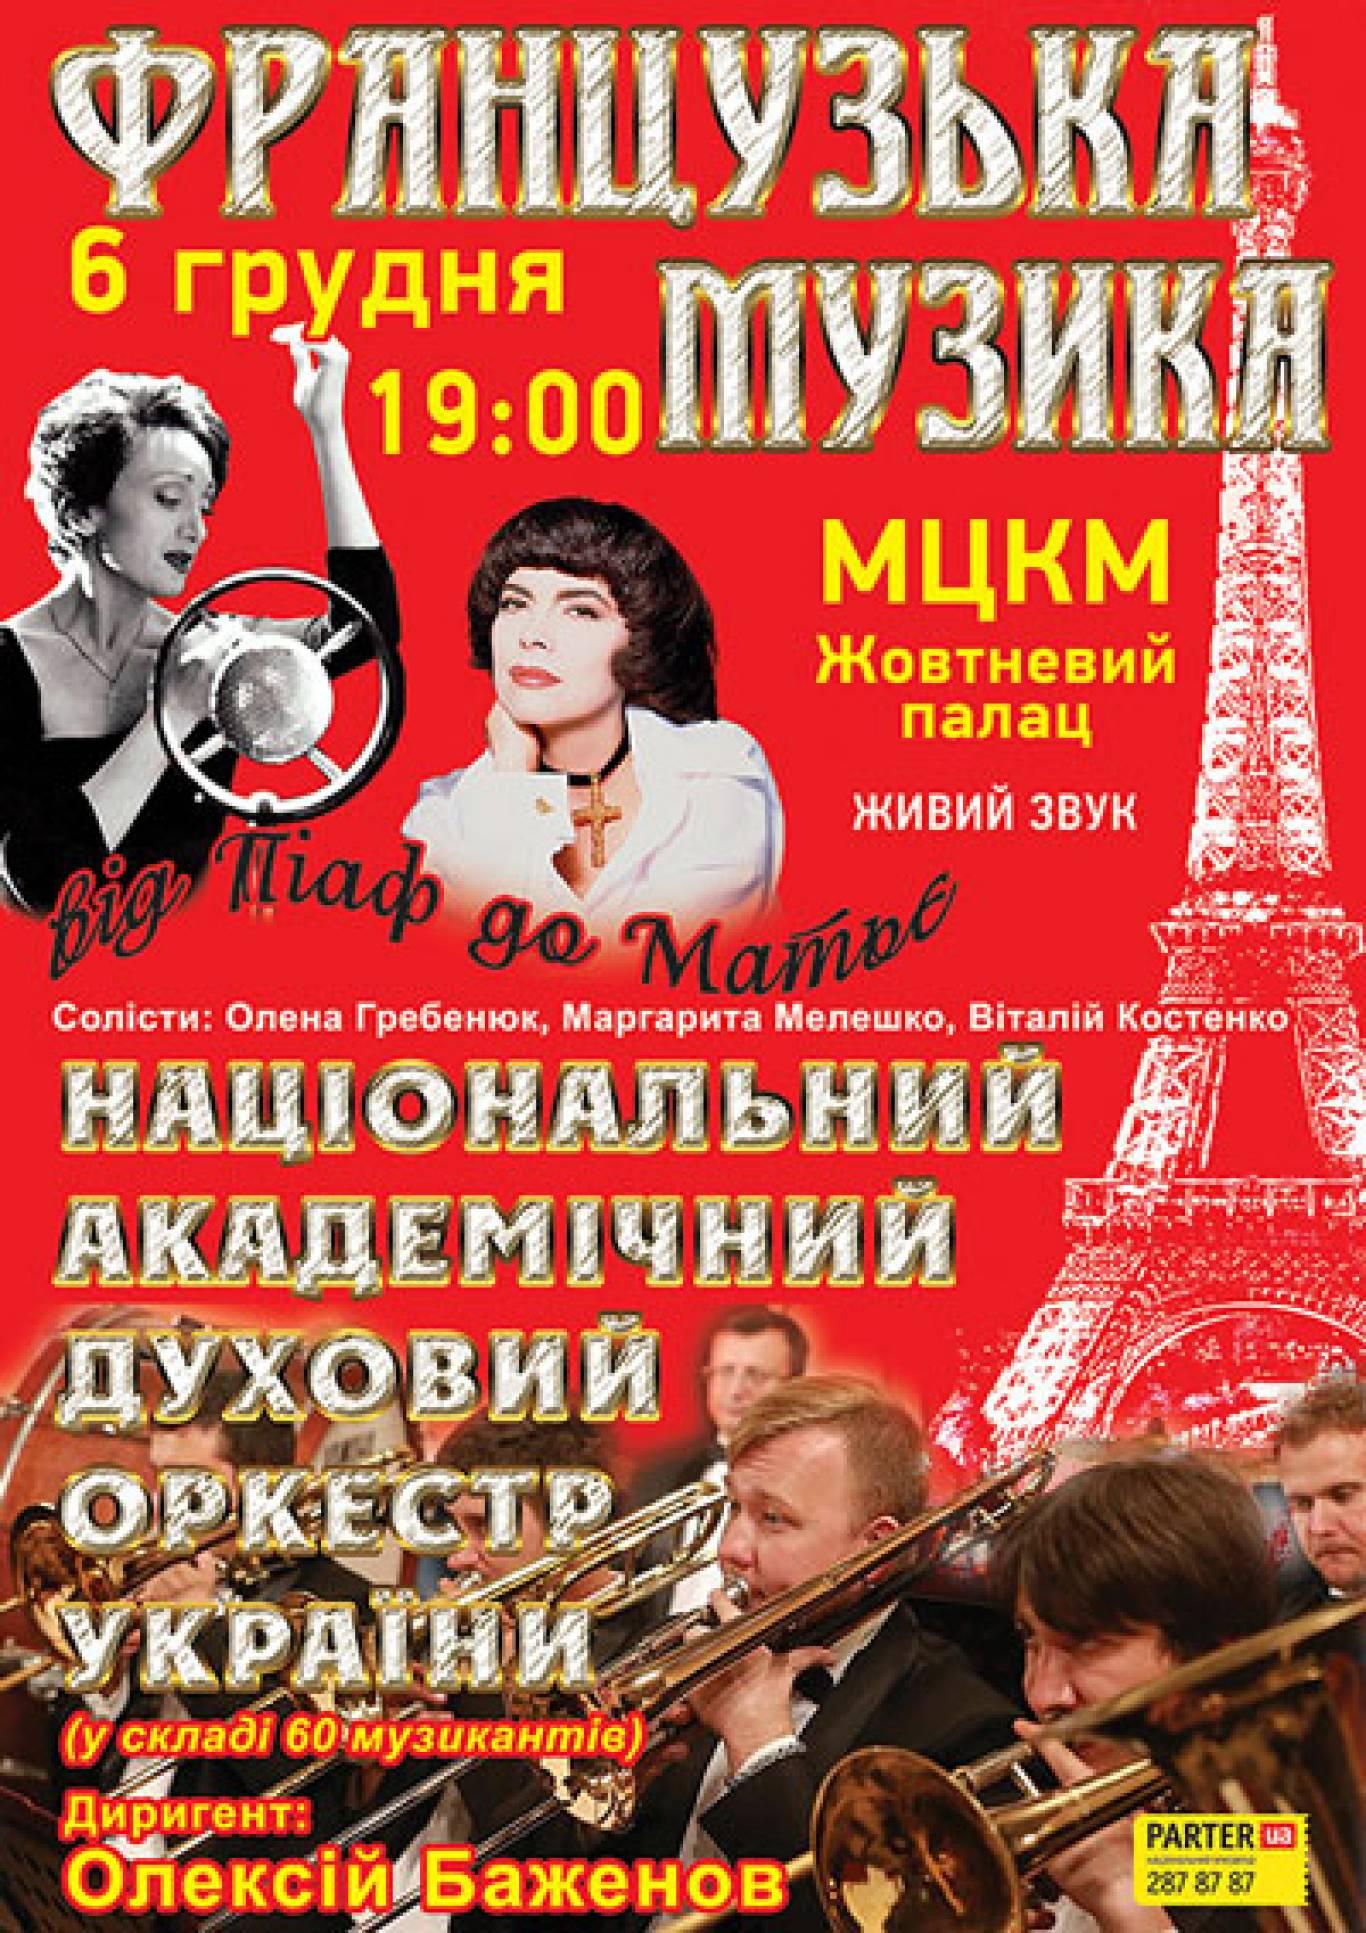 """Концерт """"Французька музика. Від Піаф до Матьє"""" в Жовтневому палаці"""